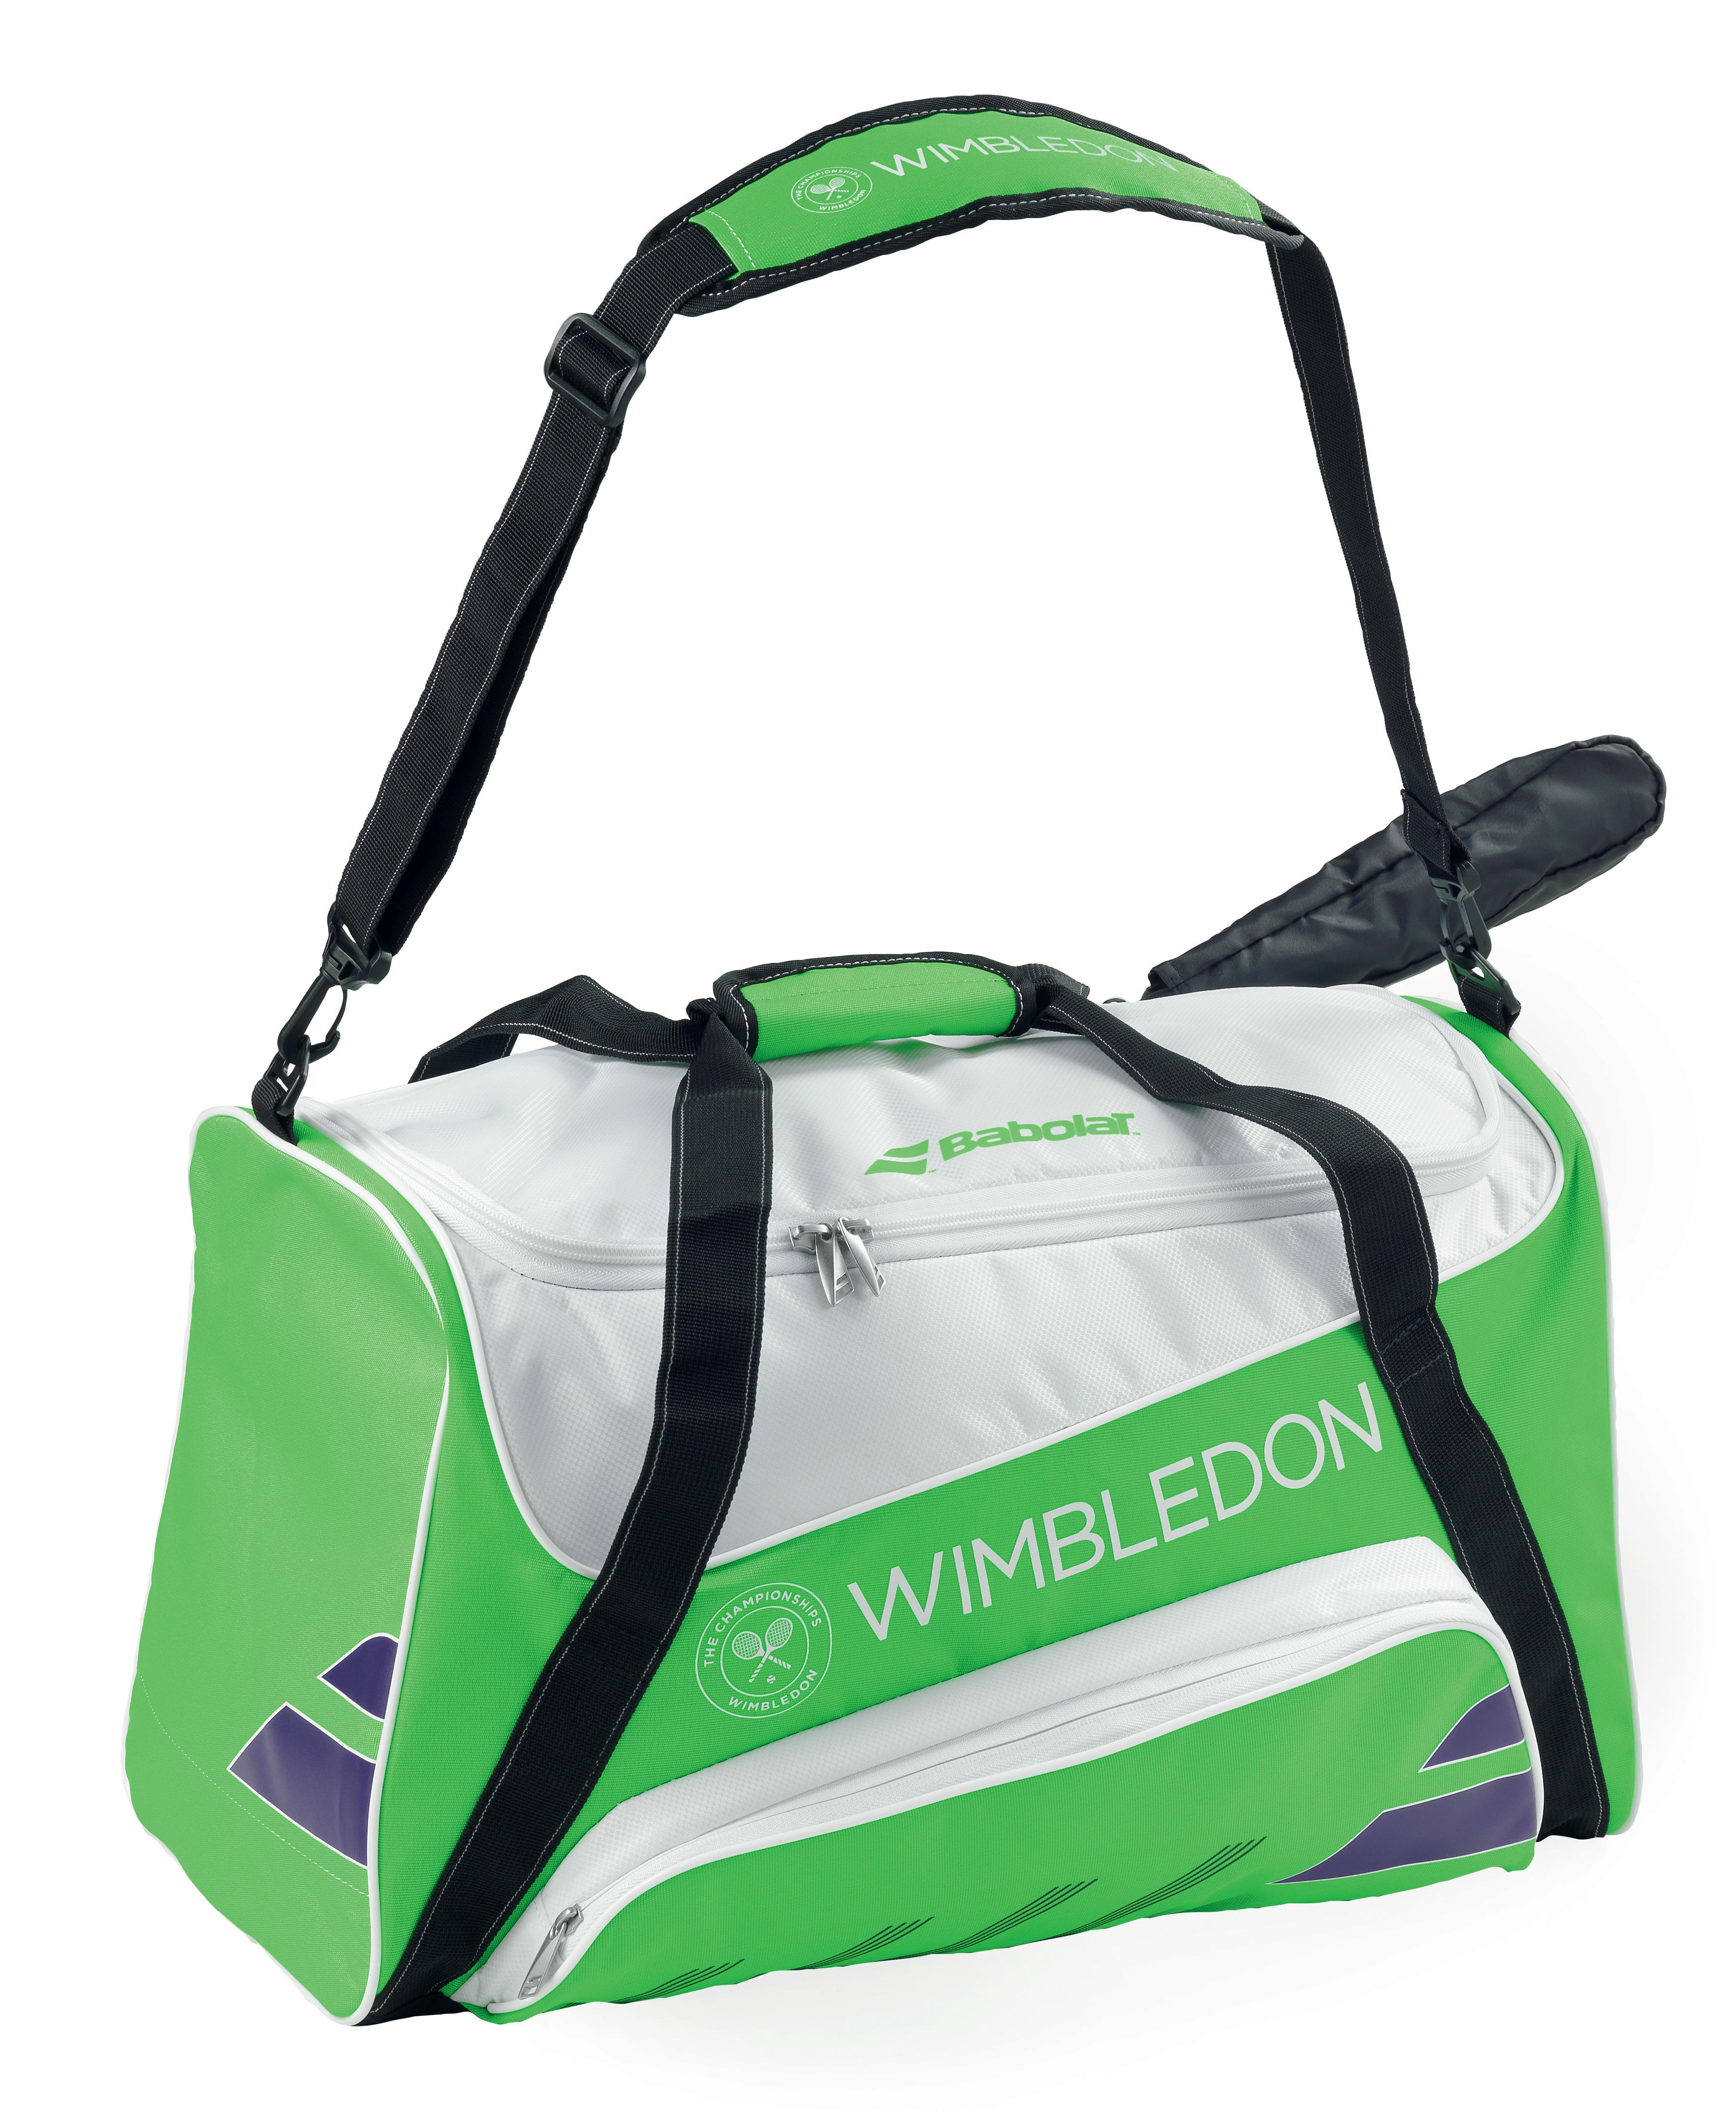 Babolat Sport Bag Wimbledon 2016